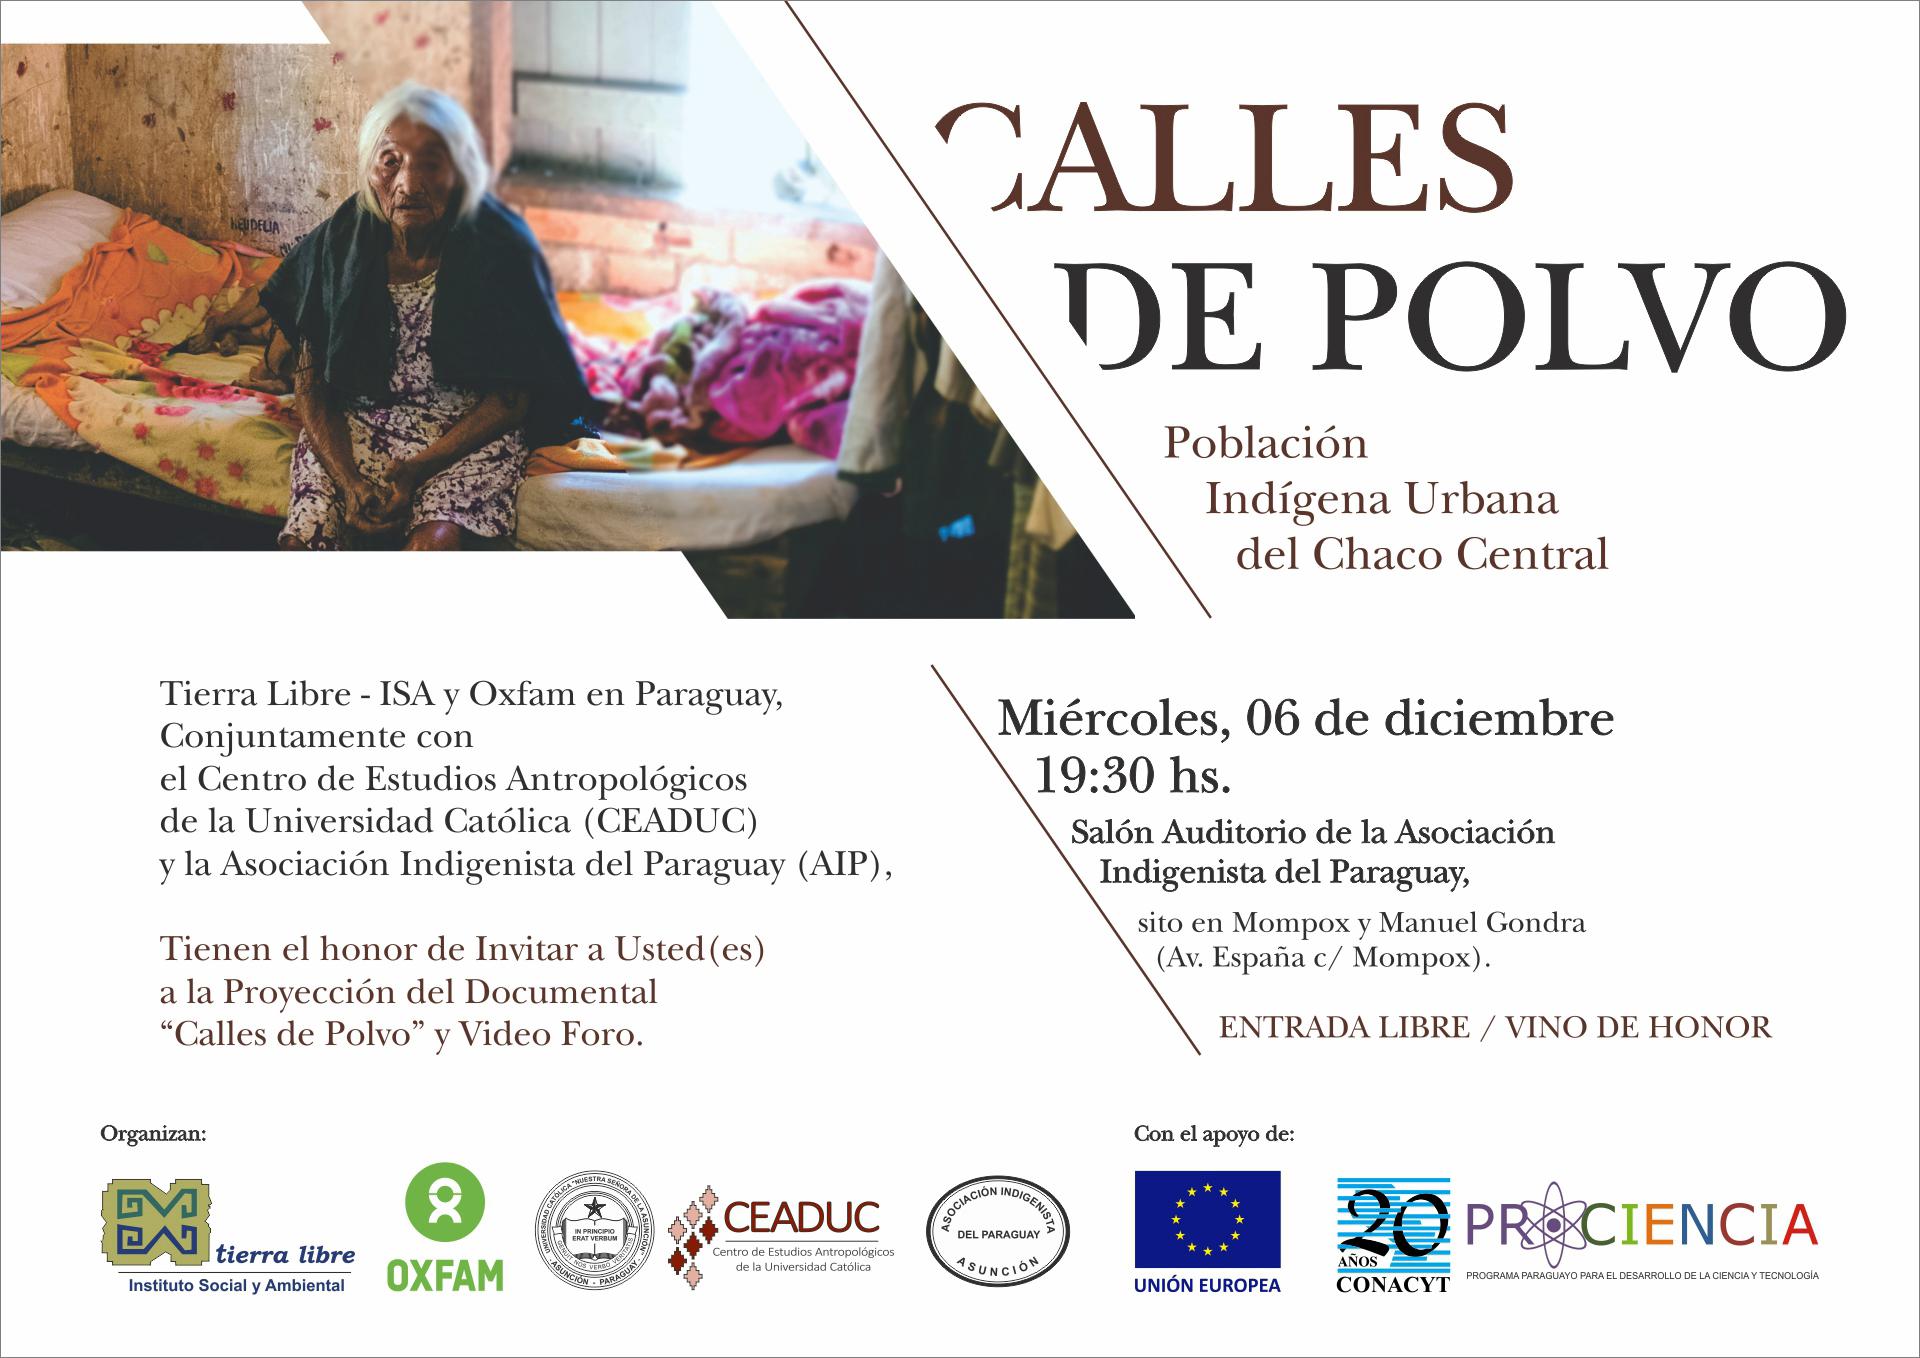 Invitación a la proyección del documental Calles de Polvo – miércoles 06/12/17 Salón Auditorio de la AIP